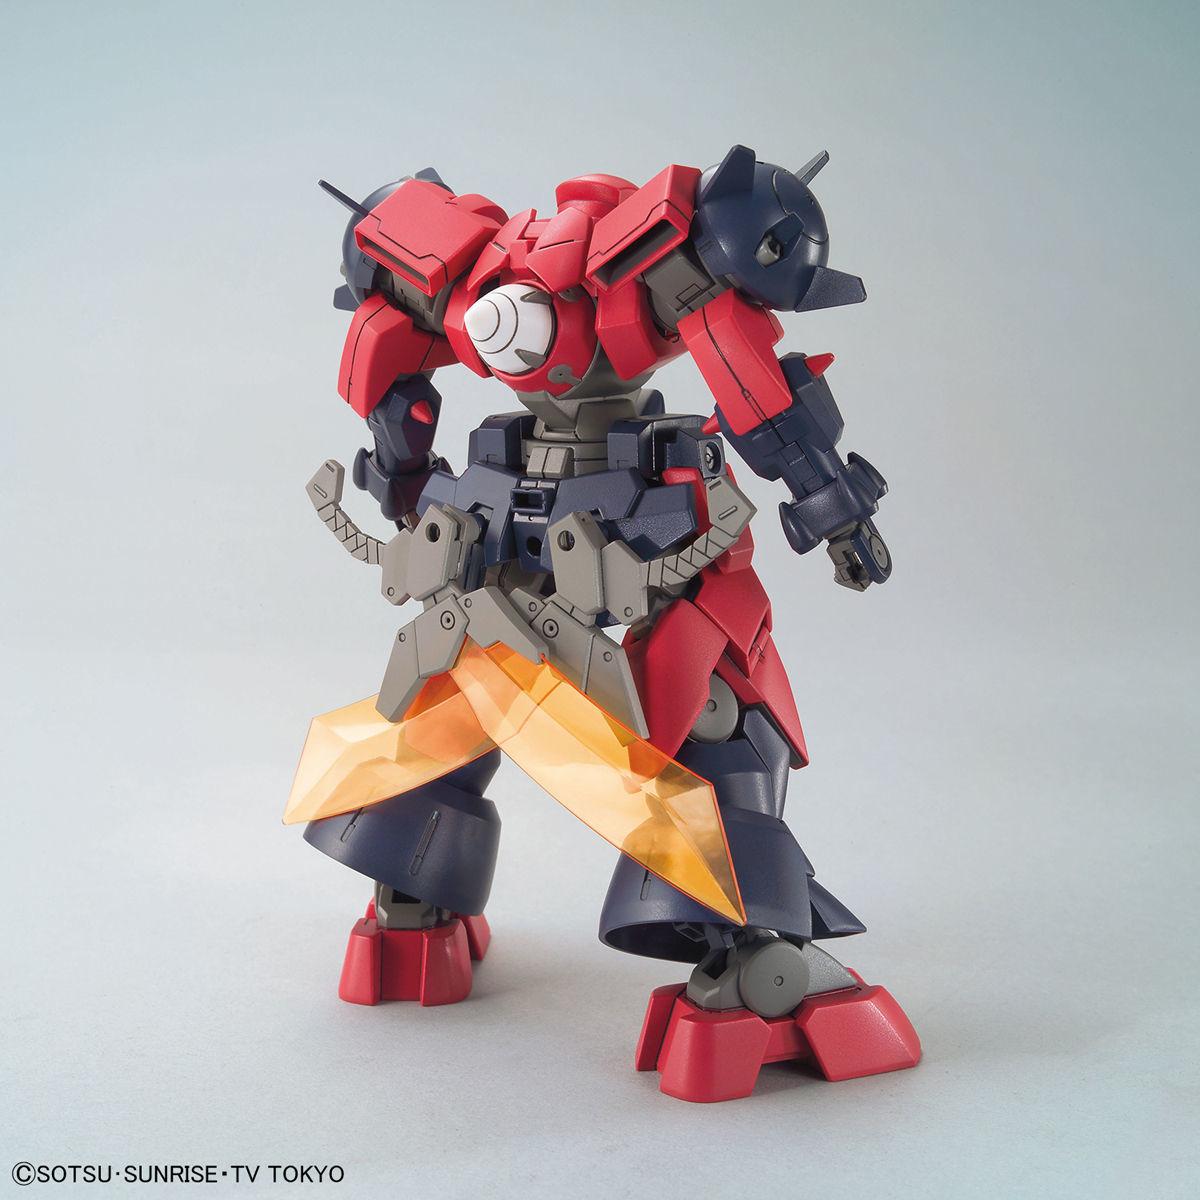 HGBD 1/144 Ogre GN-X - Model kit image